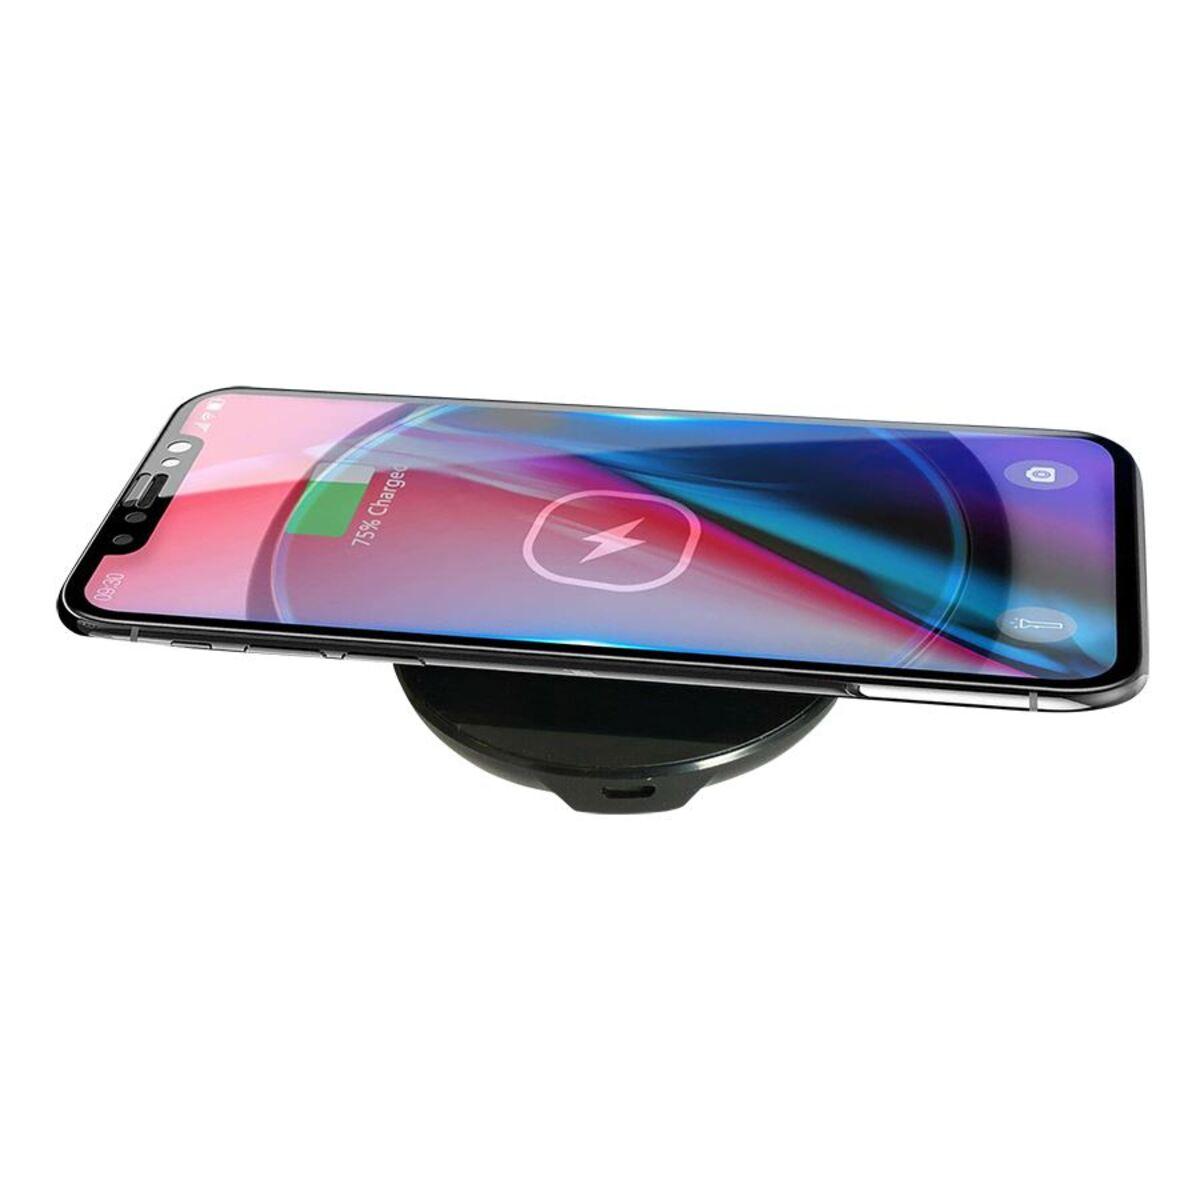 Bild 5 von Grundig Wireless Smartphone-Schnellladepad